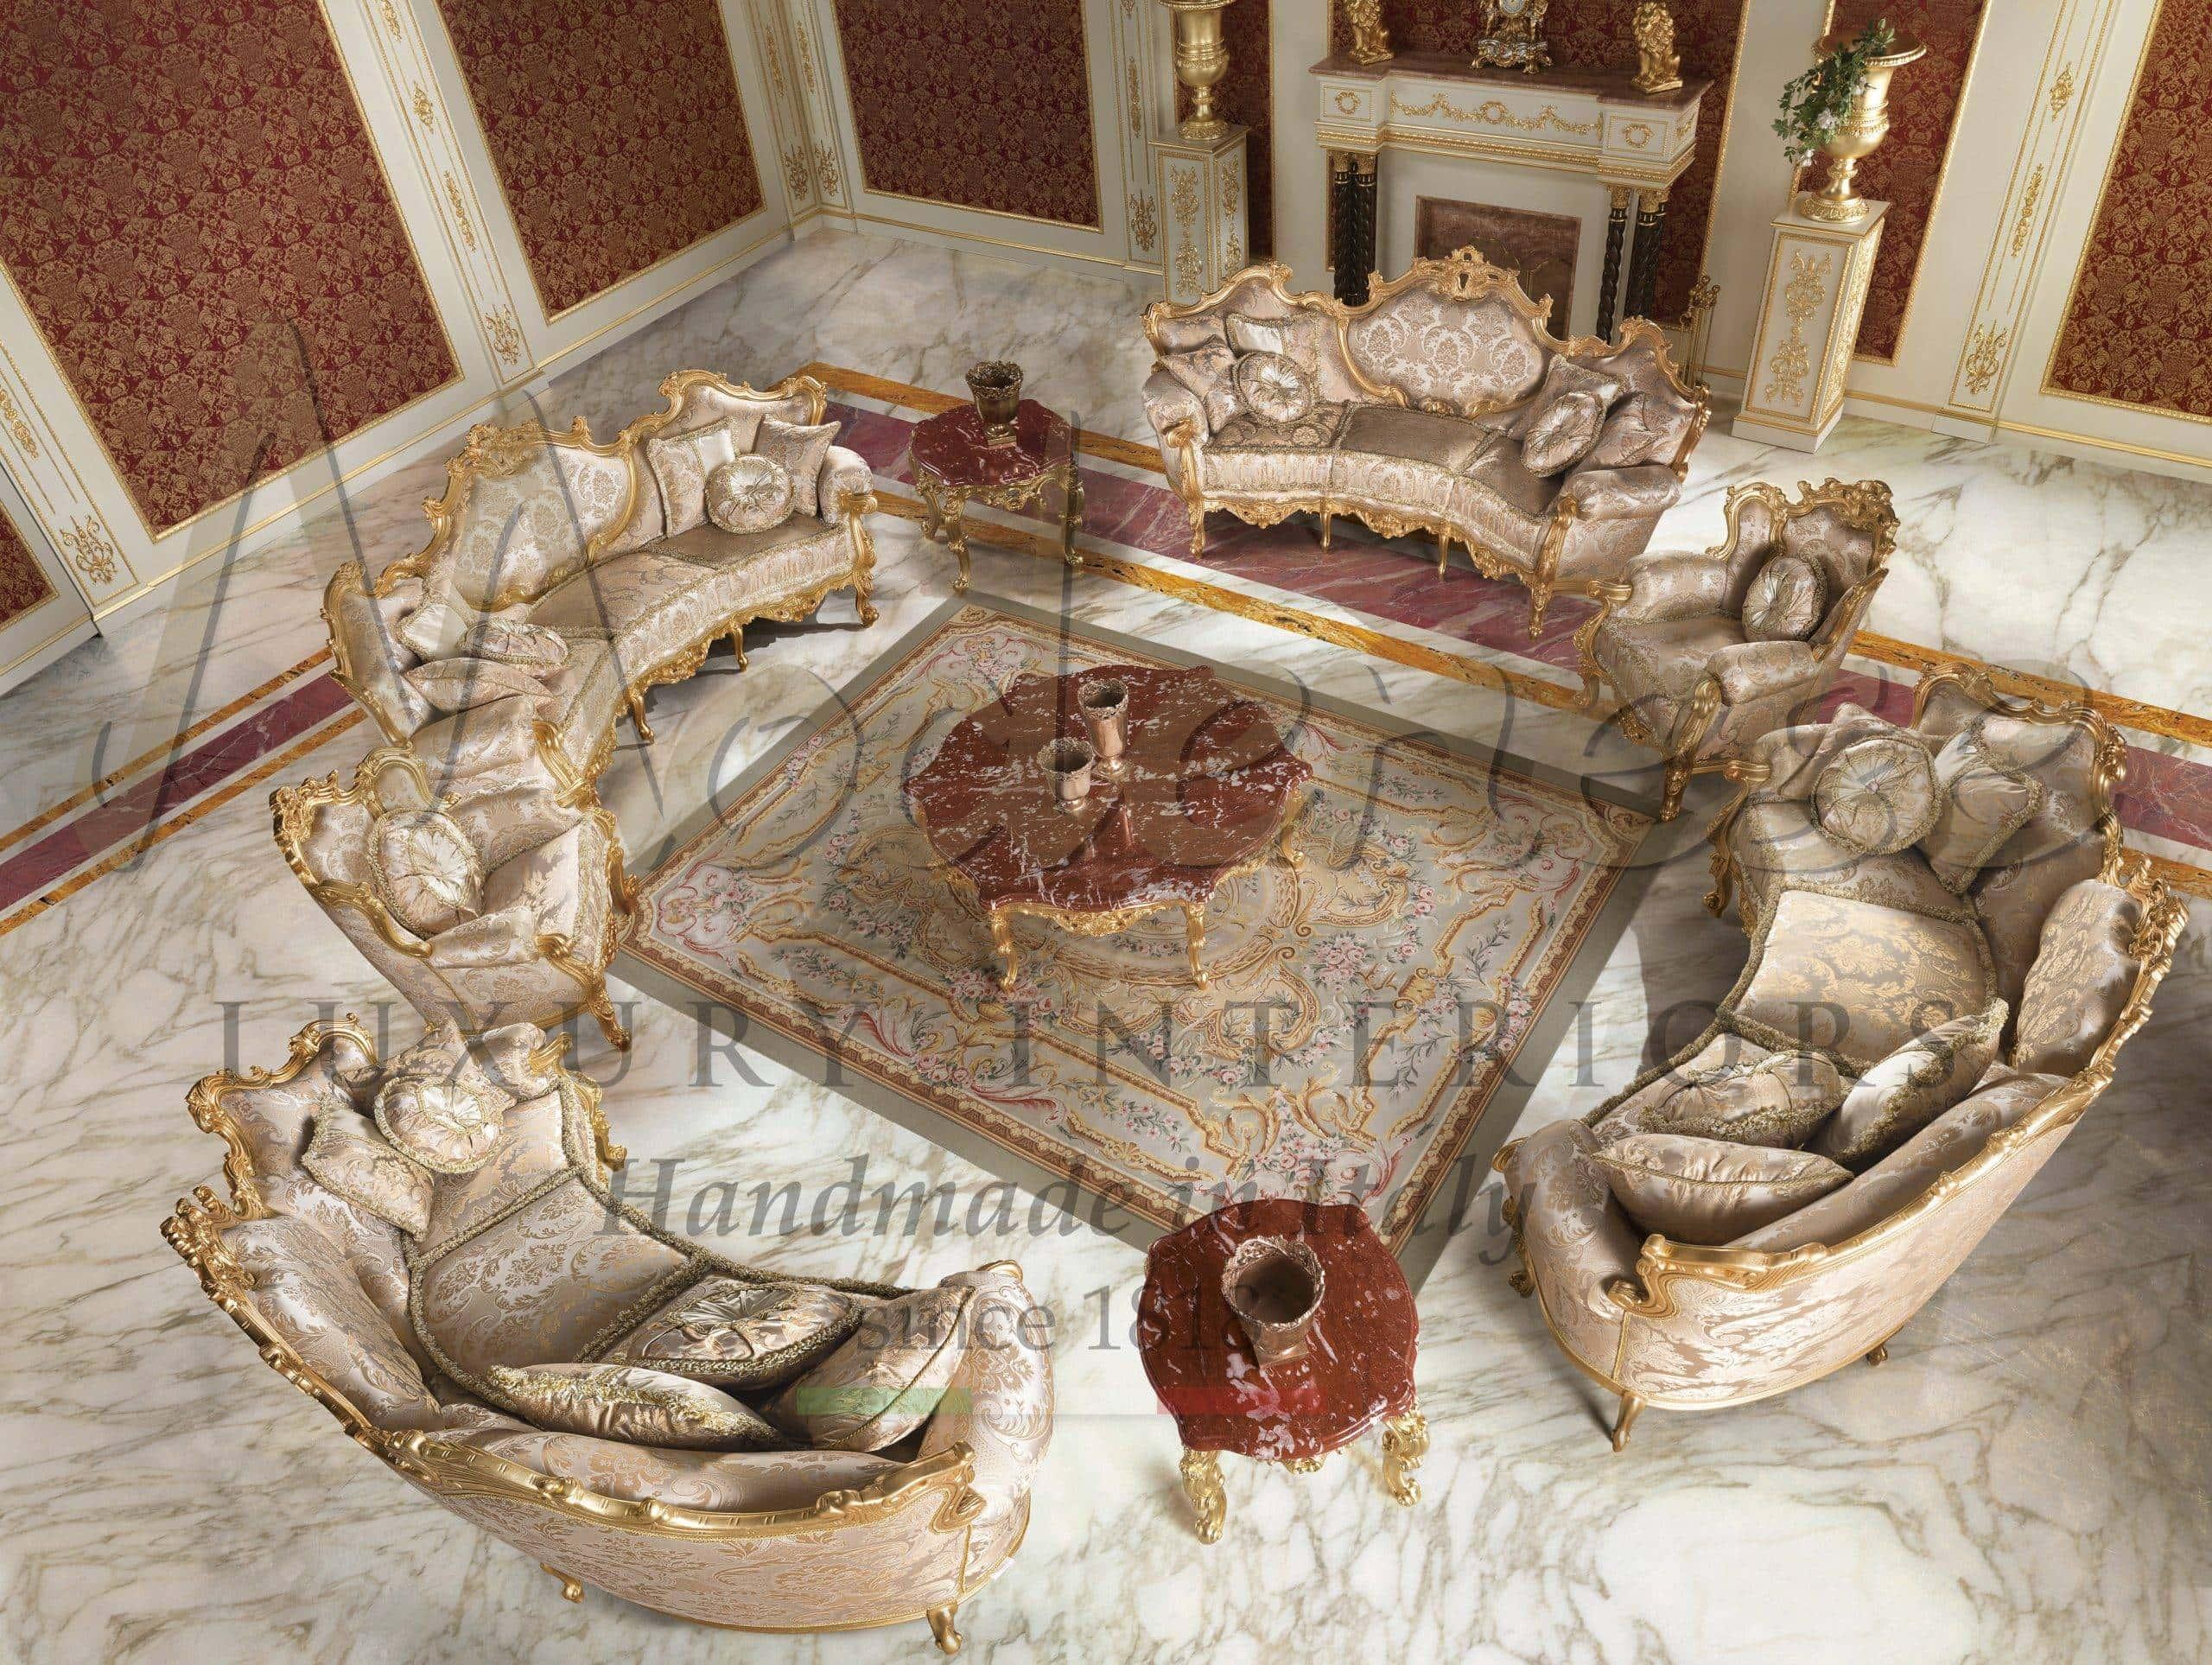 Проектировка пространства в классическом итальянском стиле люксовые элементы декора